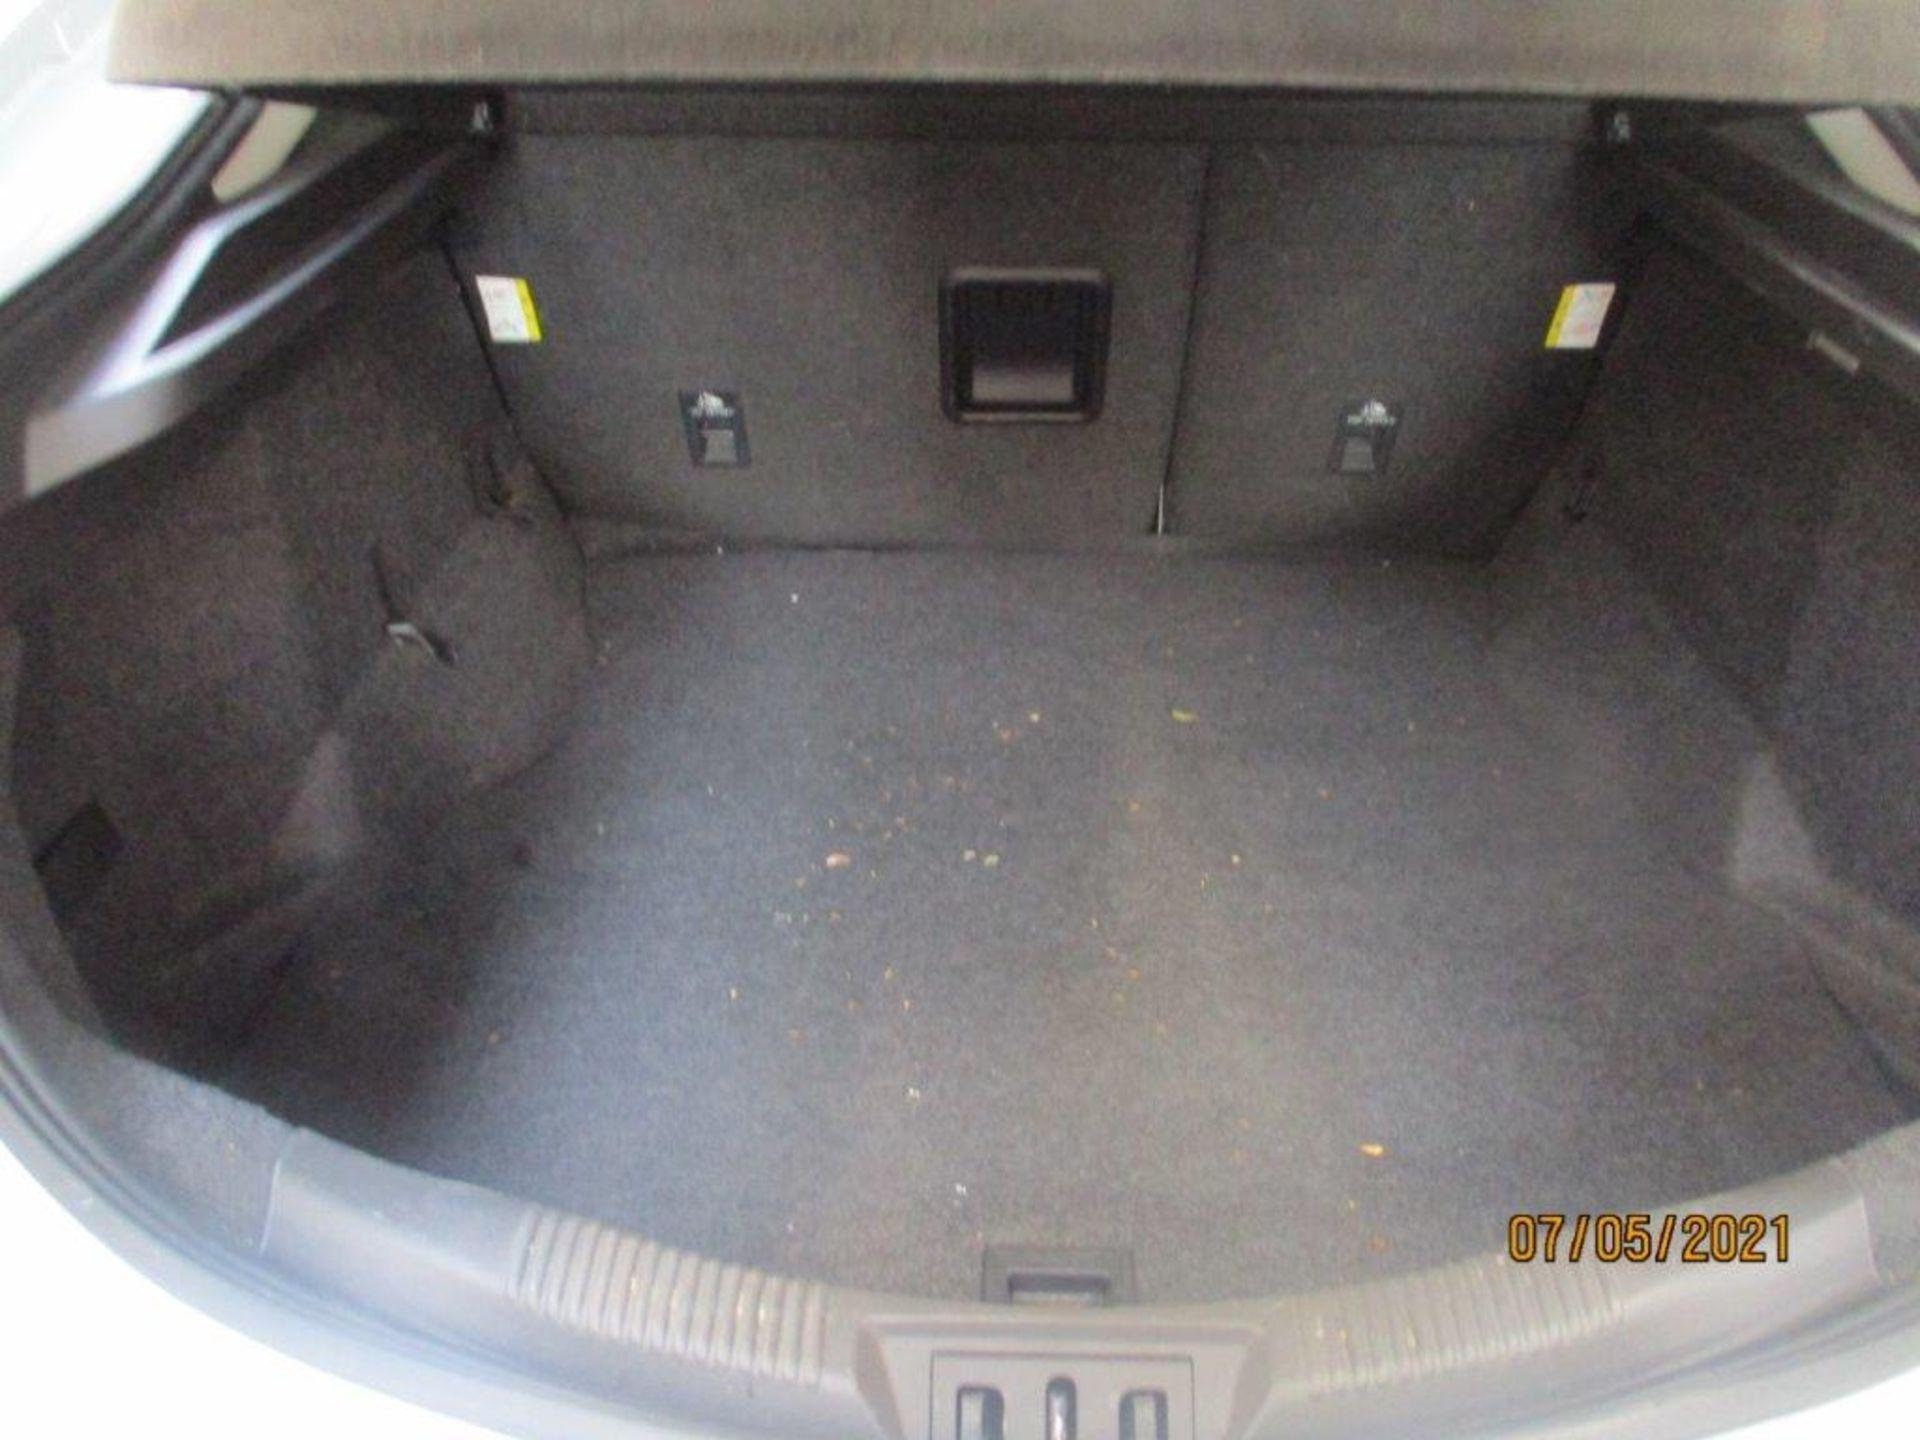 15 15 Ford Mondeo Titanium TDCI - Image 22 of 22